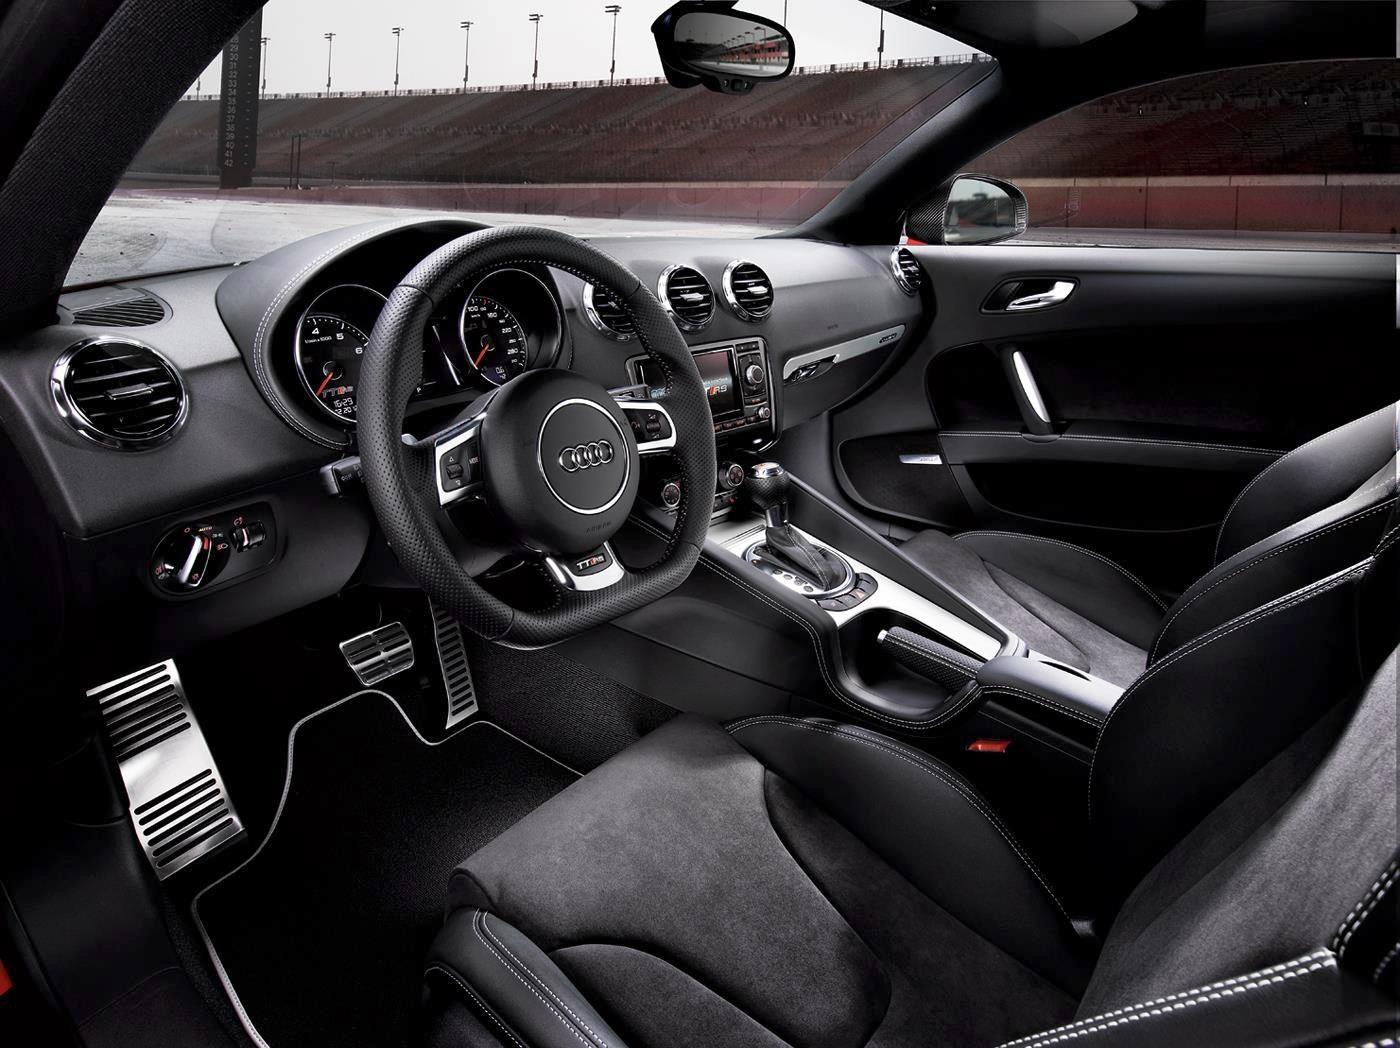 Audi TT RS II (8J) 2009 - 2014 Coupe #8